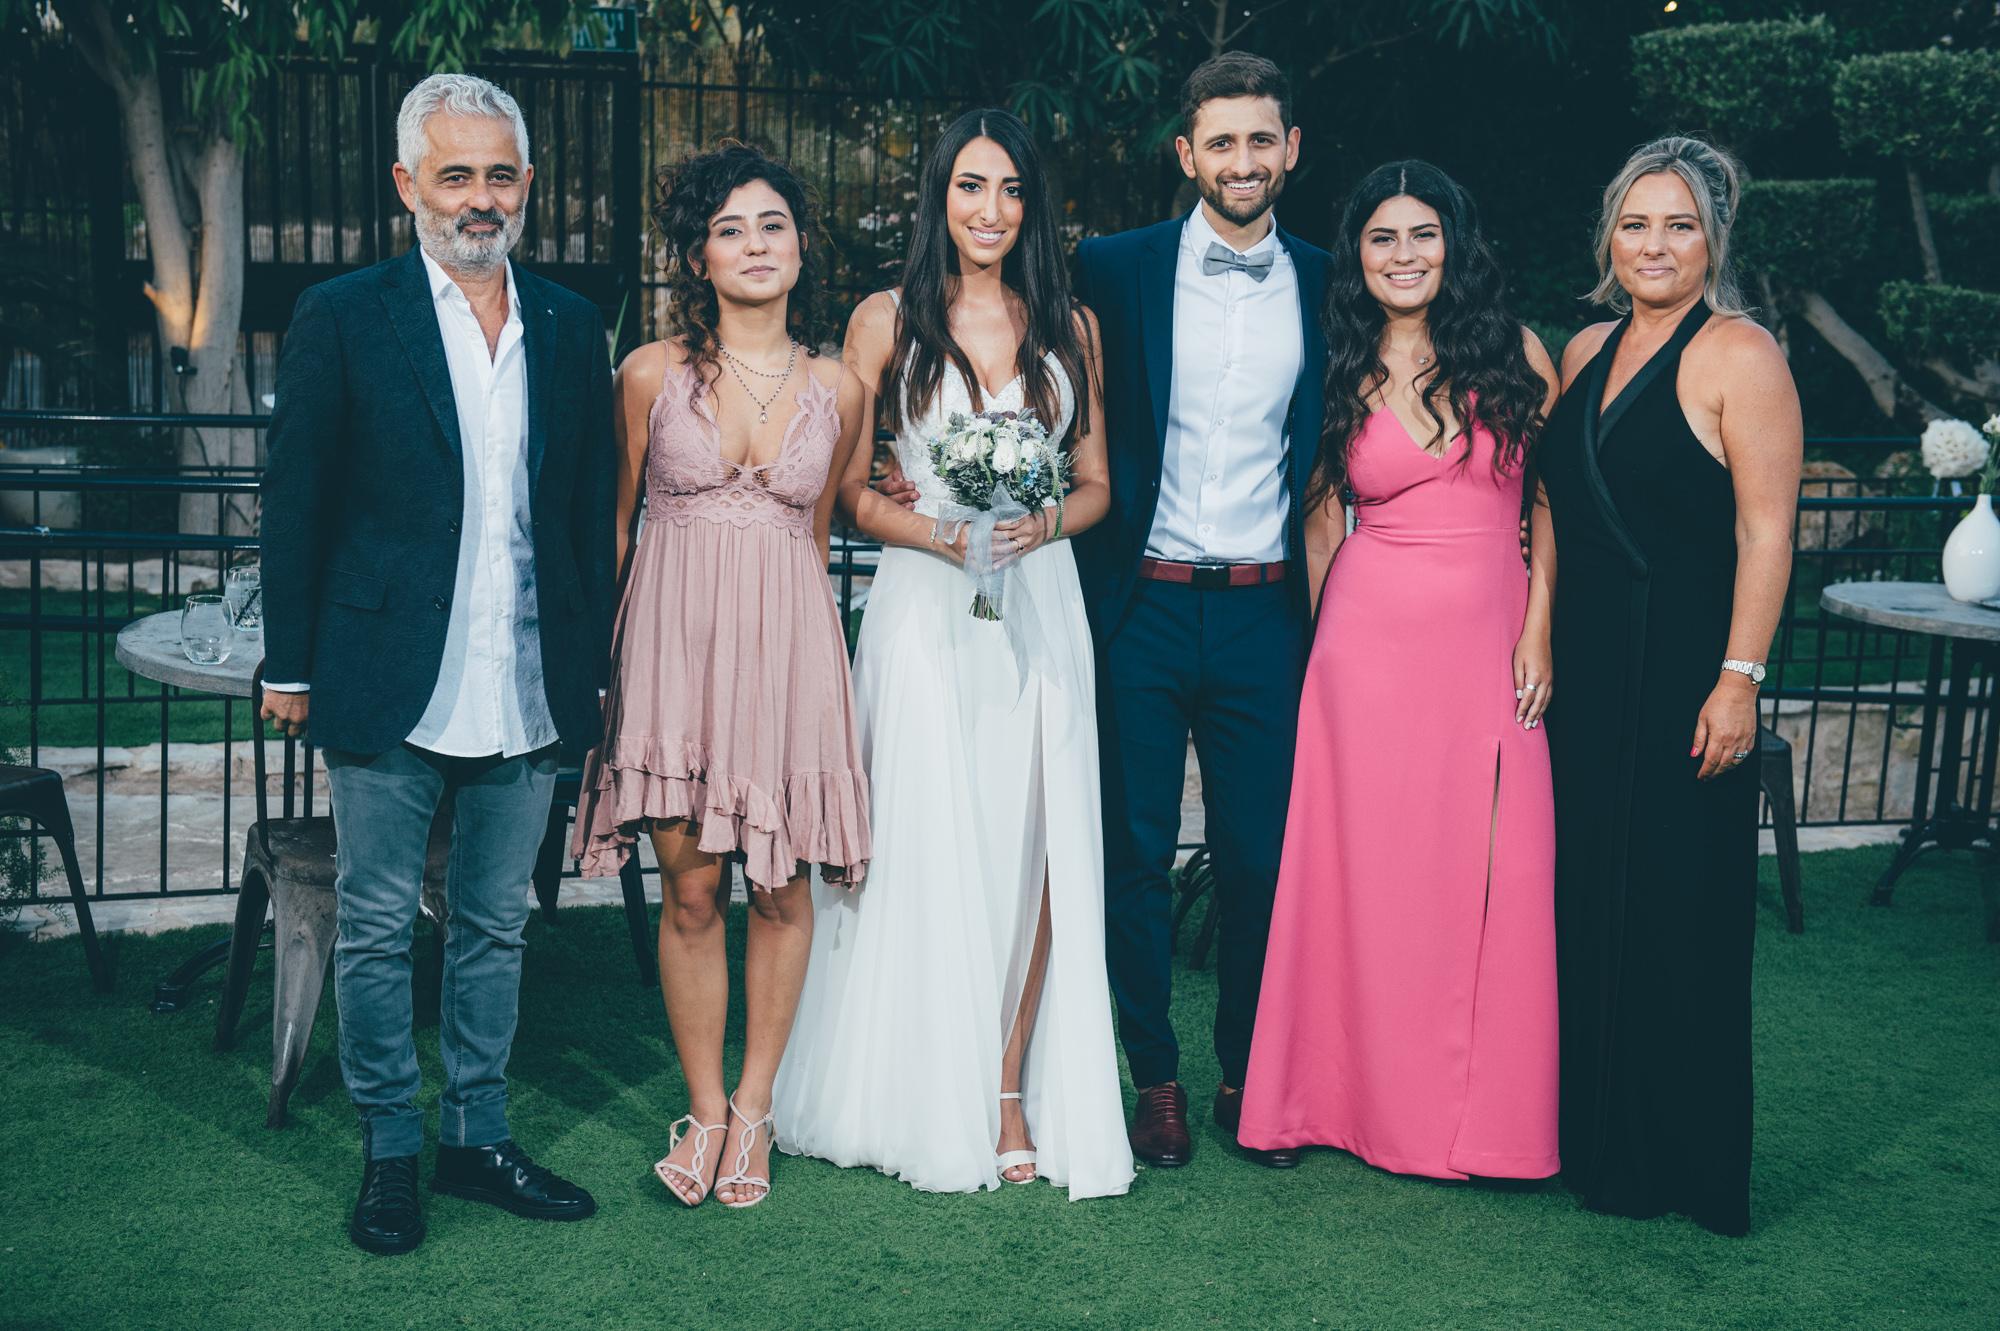 Wedding photos by - Asaf Kliger-61.jpg